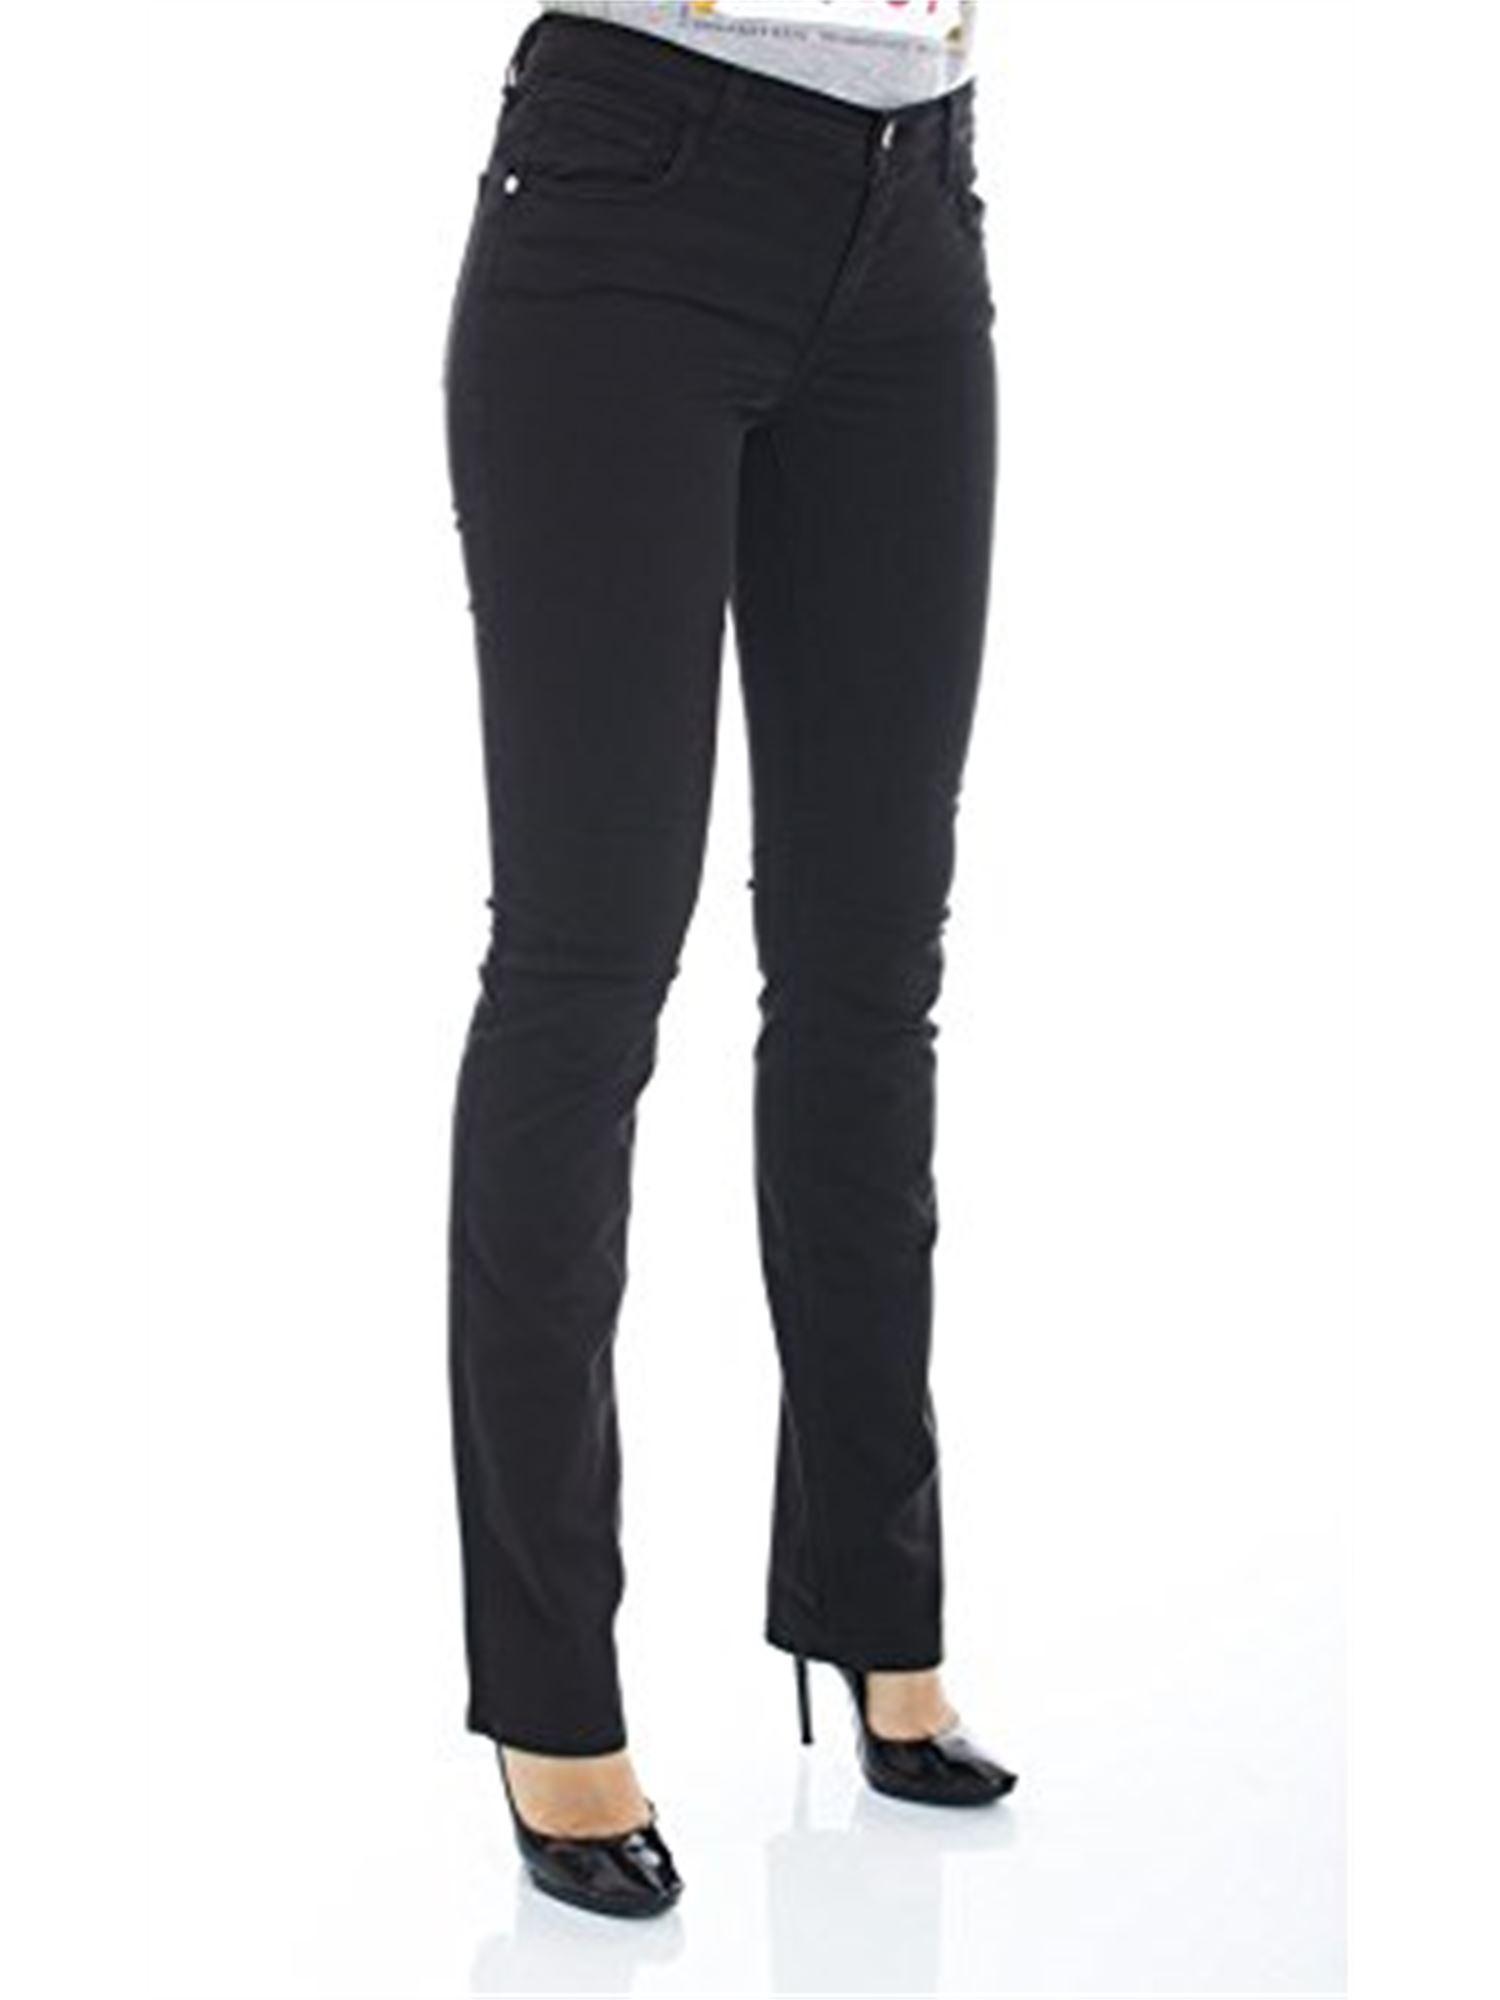 bdea904486 Donna Pantaloni NeroLalilina Jeans Trussardi Jeans Pantaloni ...